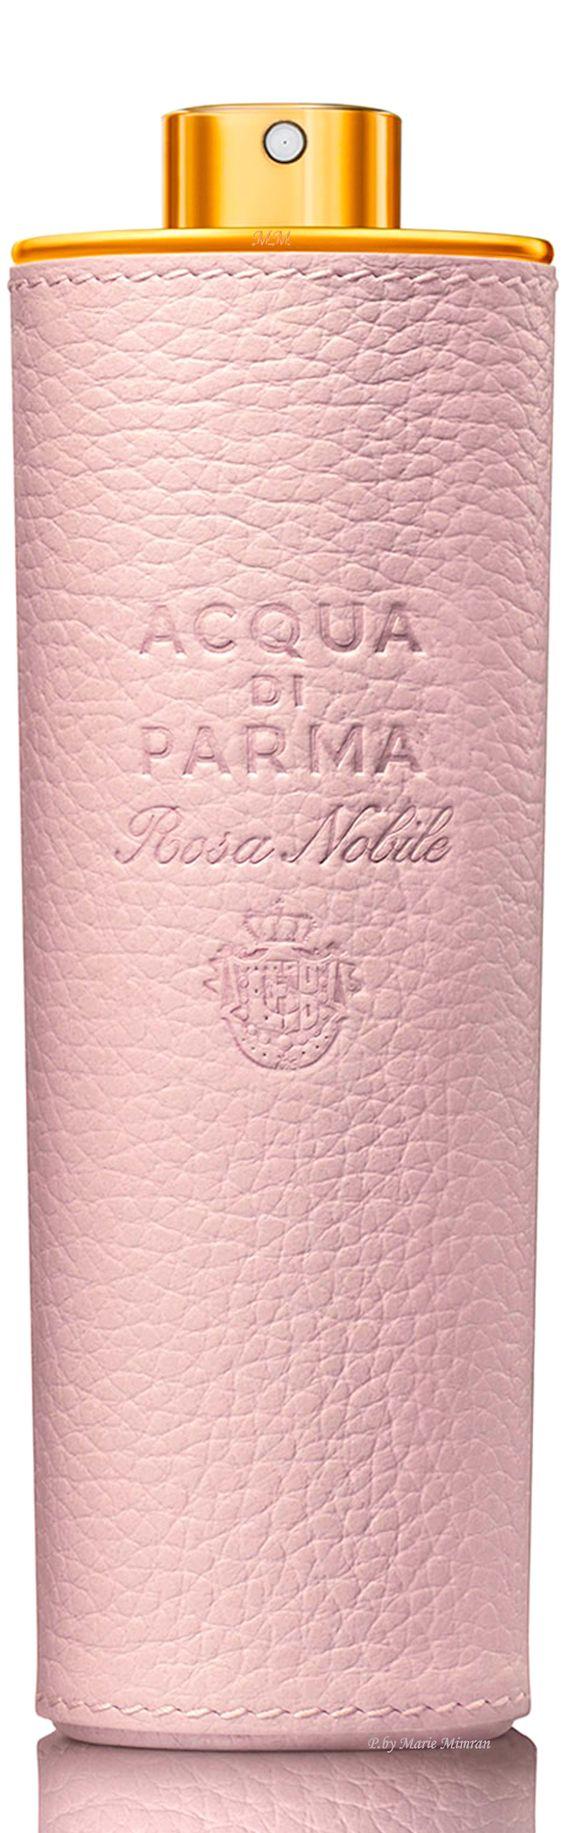 ~Aqua Di Parma Rosa Nobile Perfume | House of Beccaria